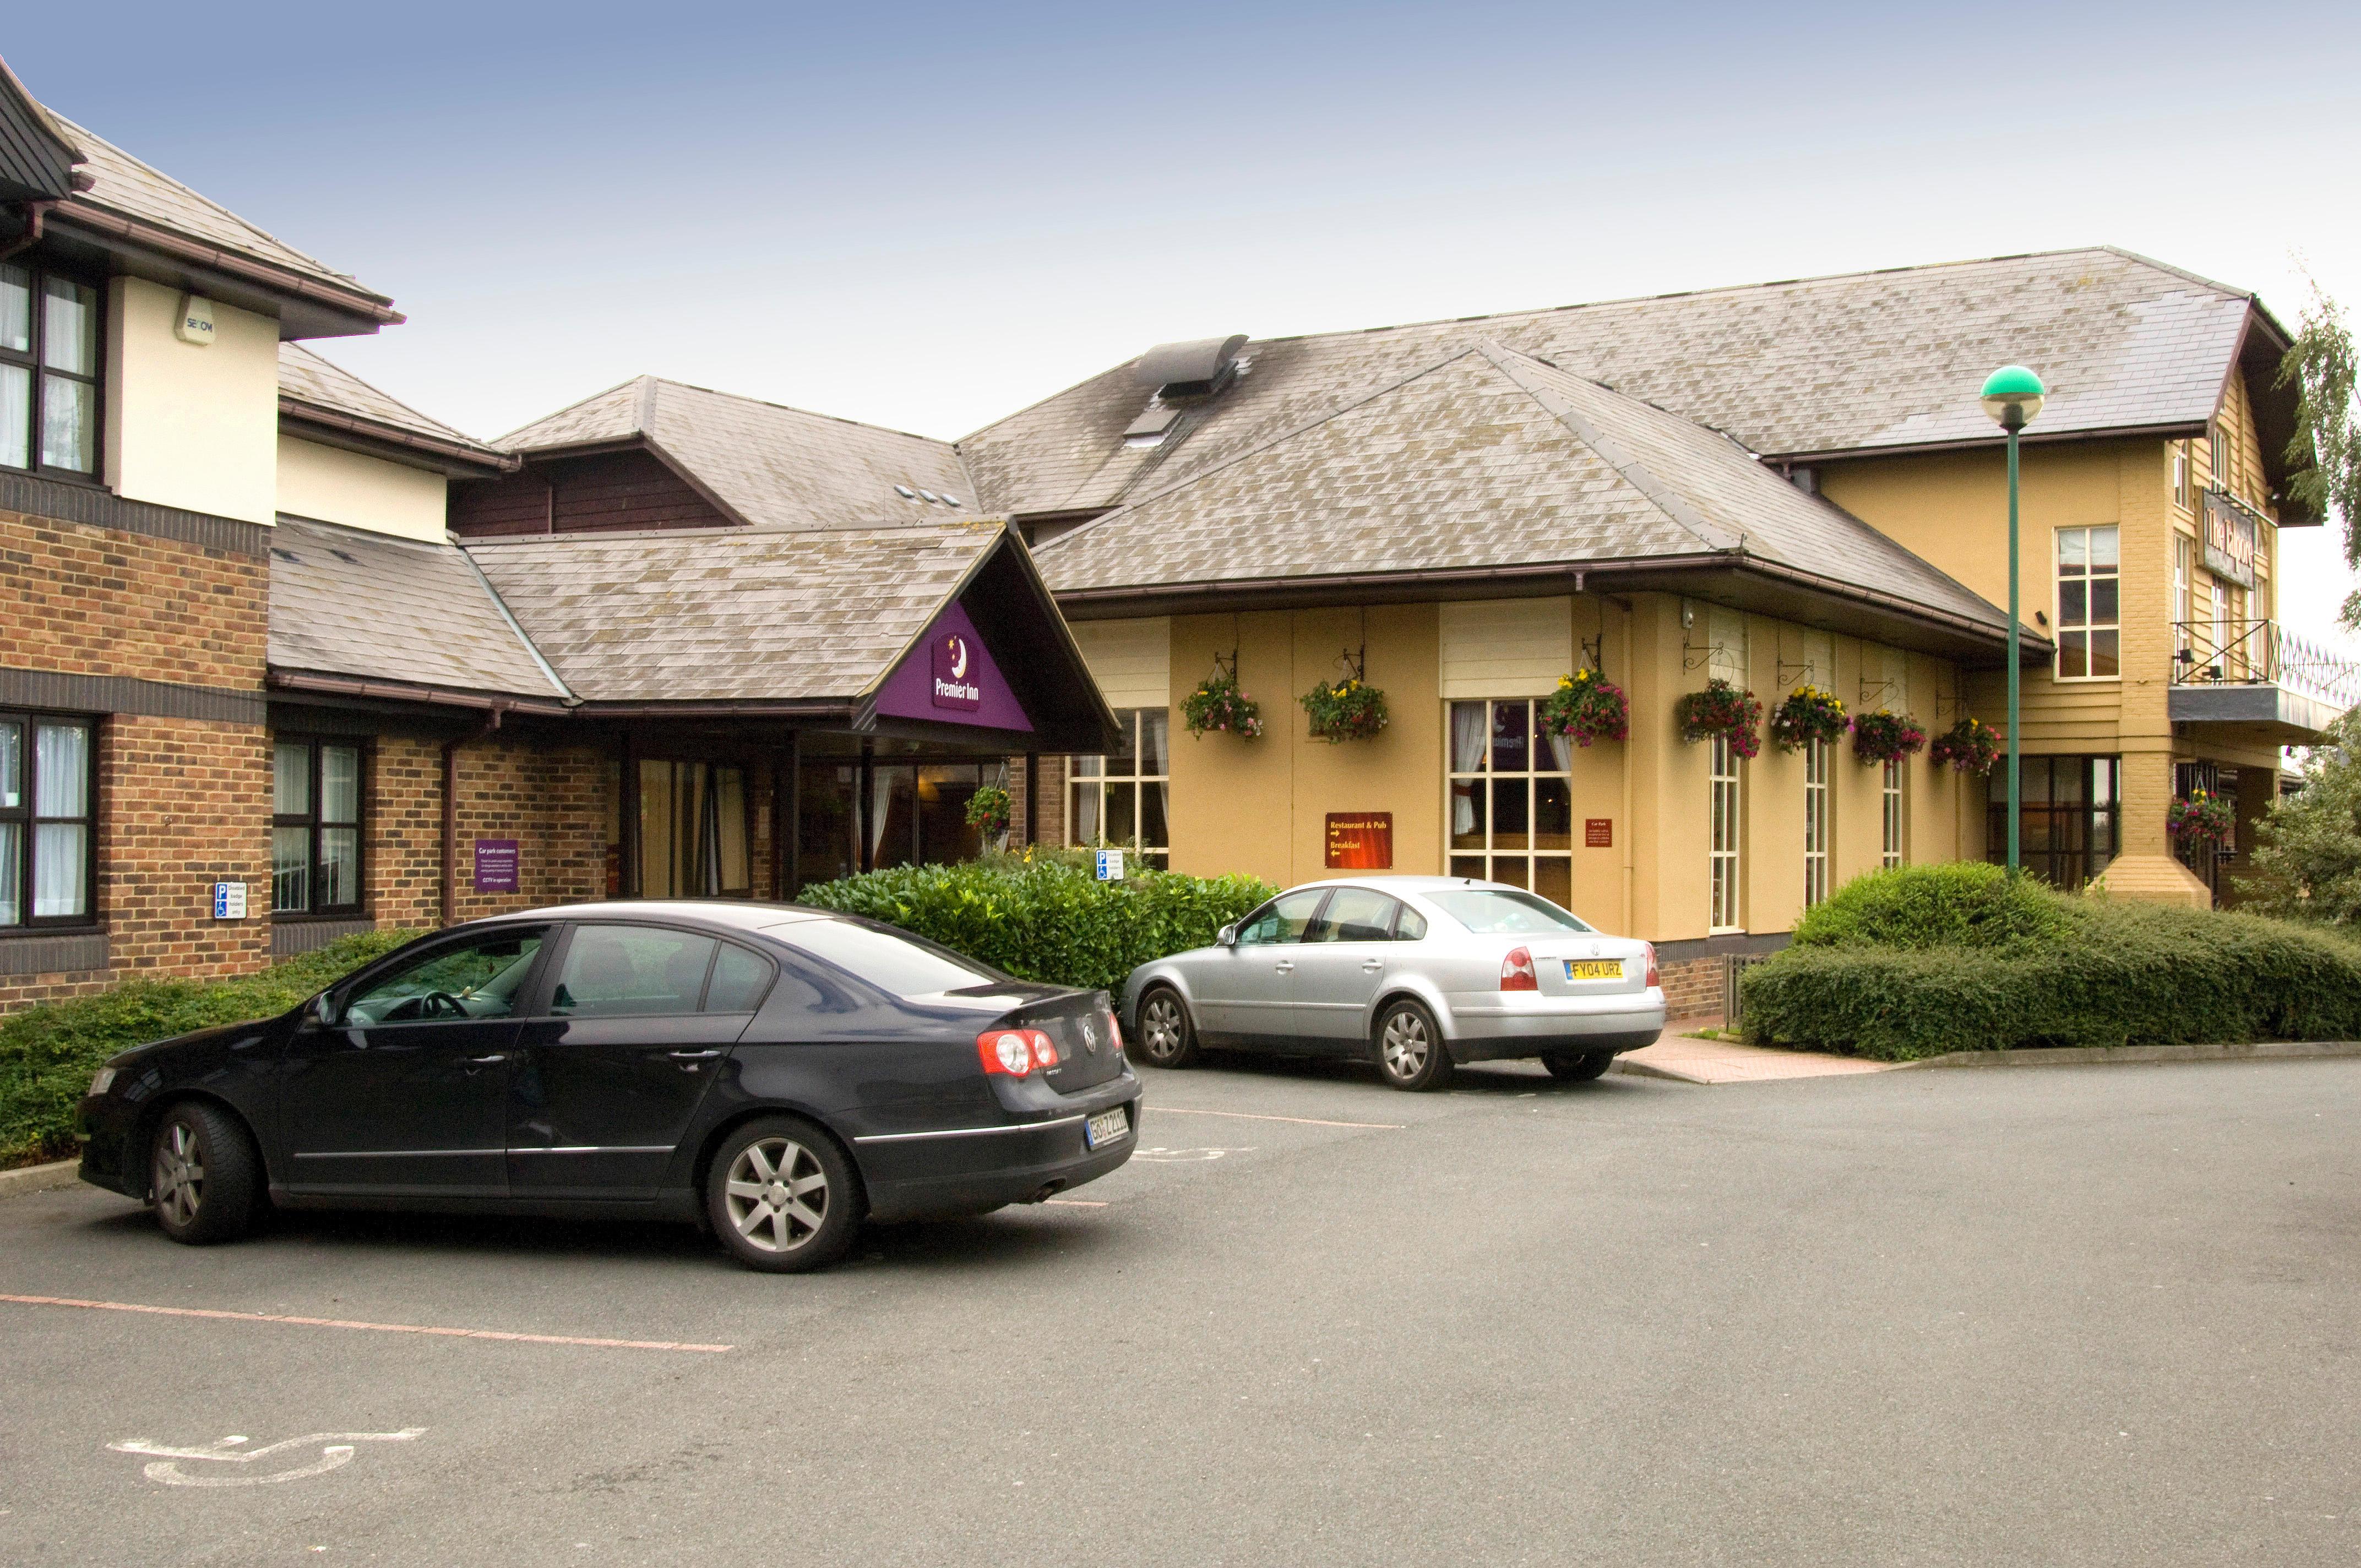 Premier Inn Stockton-on-Tees (Teesside) hotel